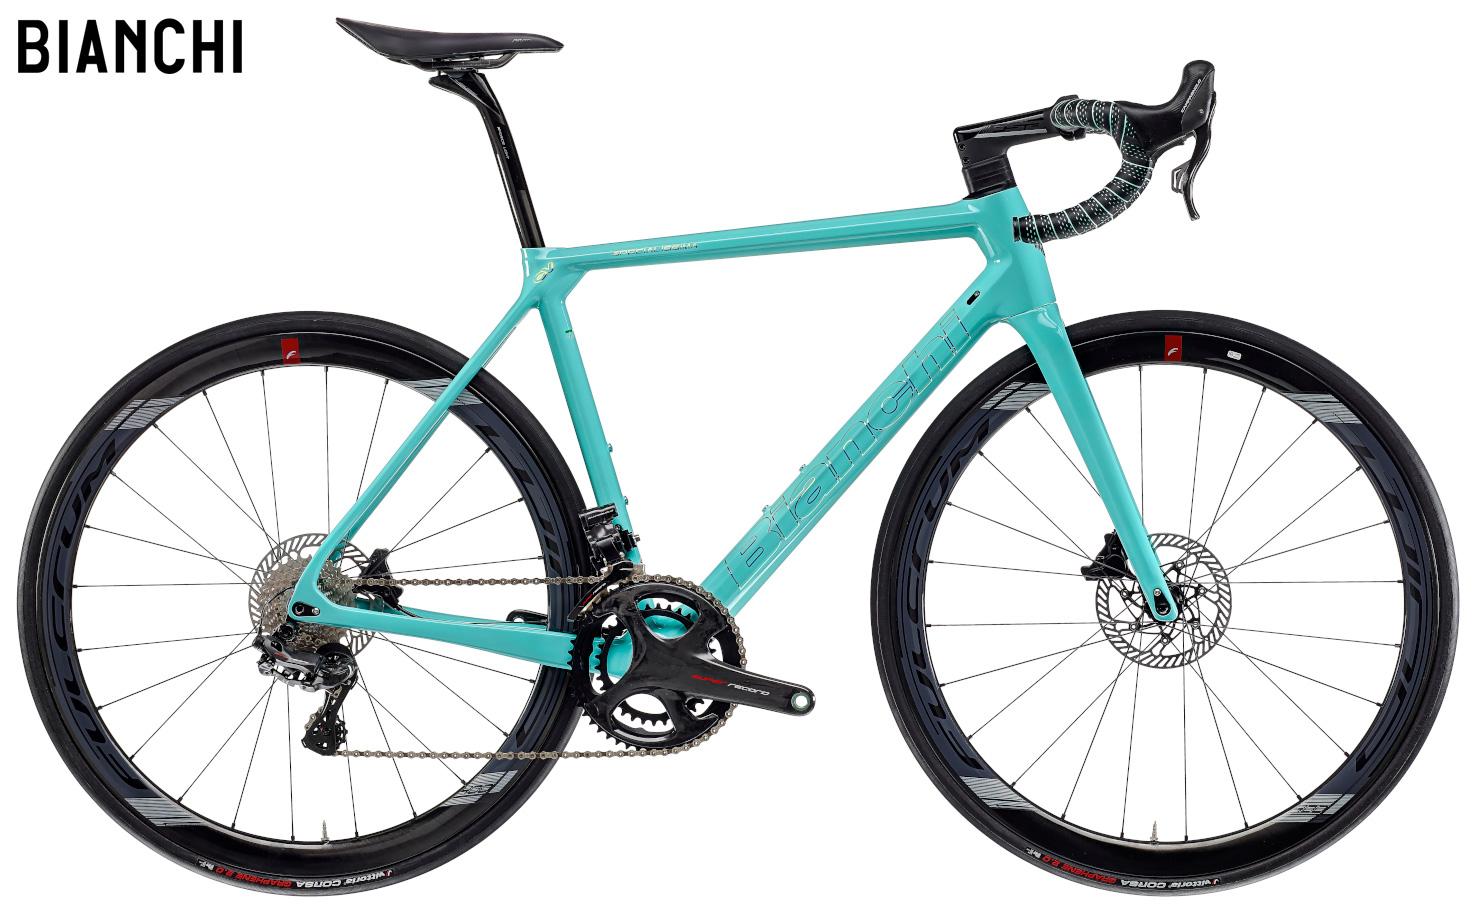 Una bici Bianchi Specialissima Disc Campagnolo Super Record EPS 2021